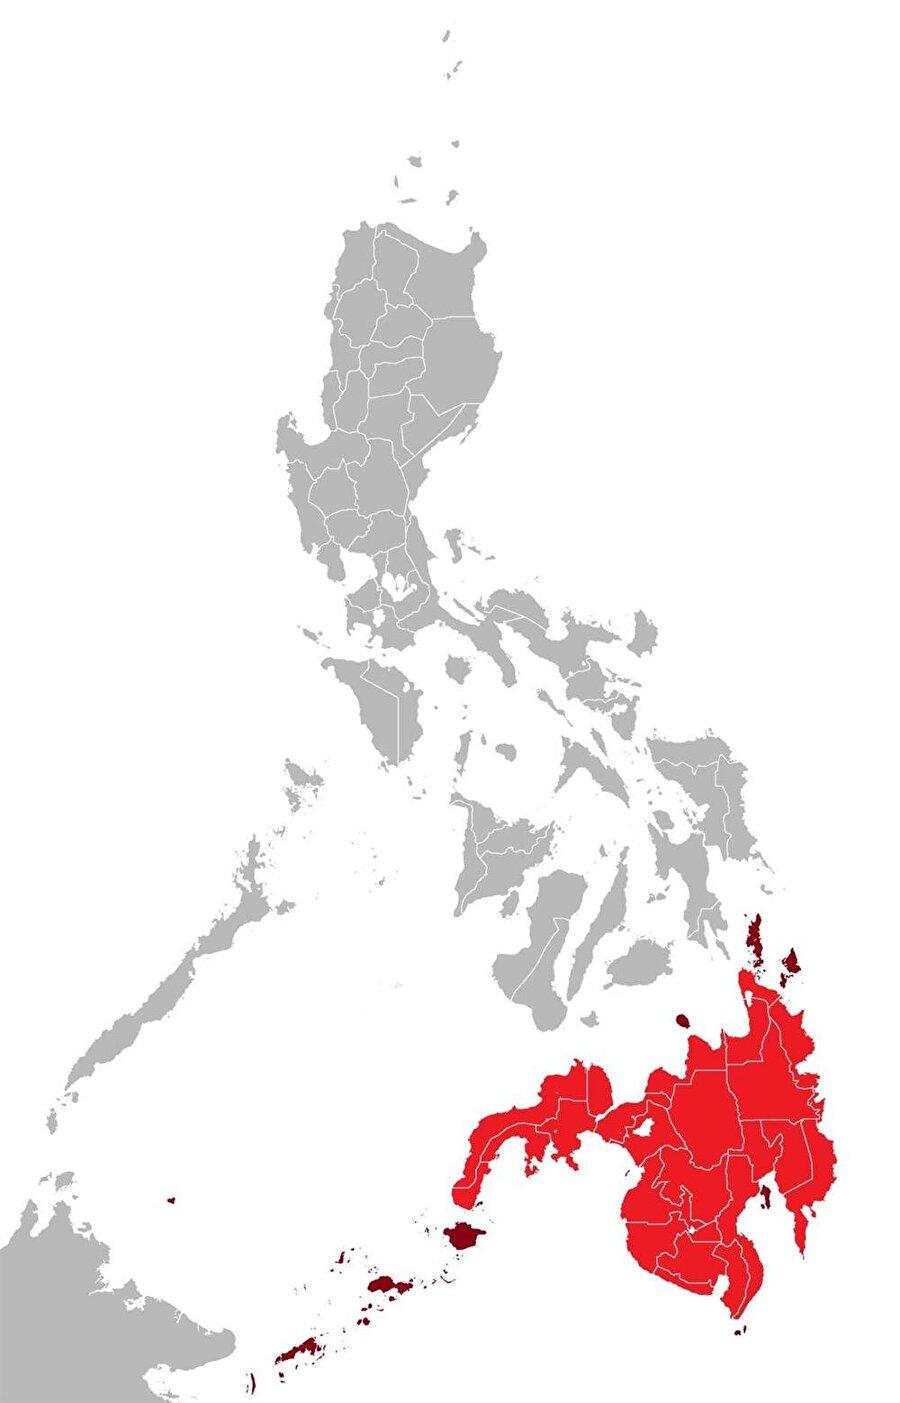 Filipinler'de Müslümanların çoğunlukta olduğu Mindanao bölgesi.